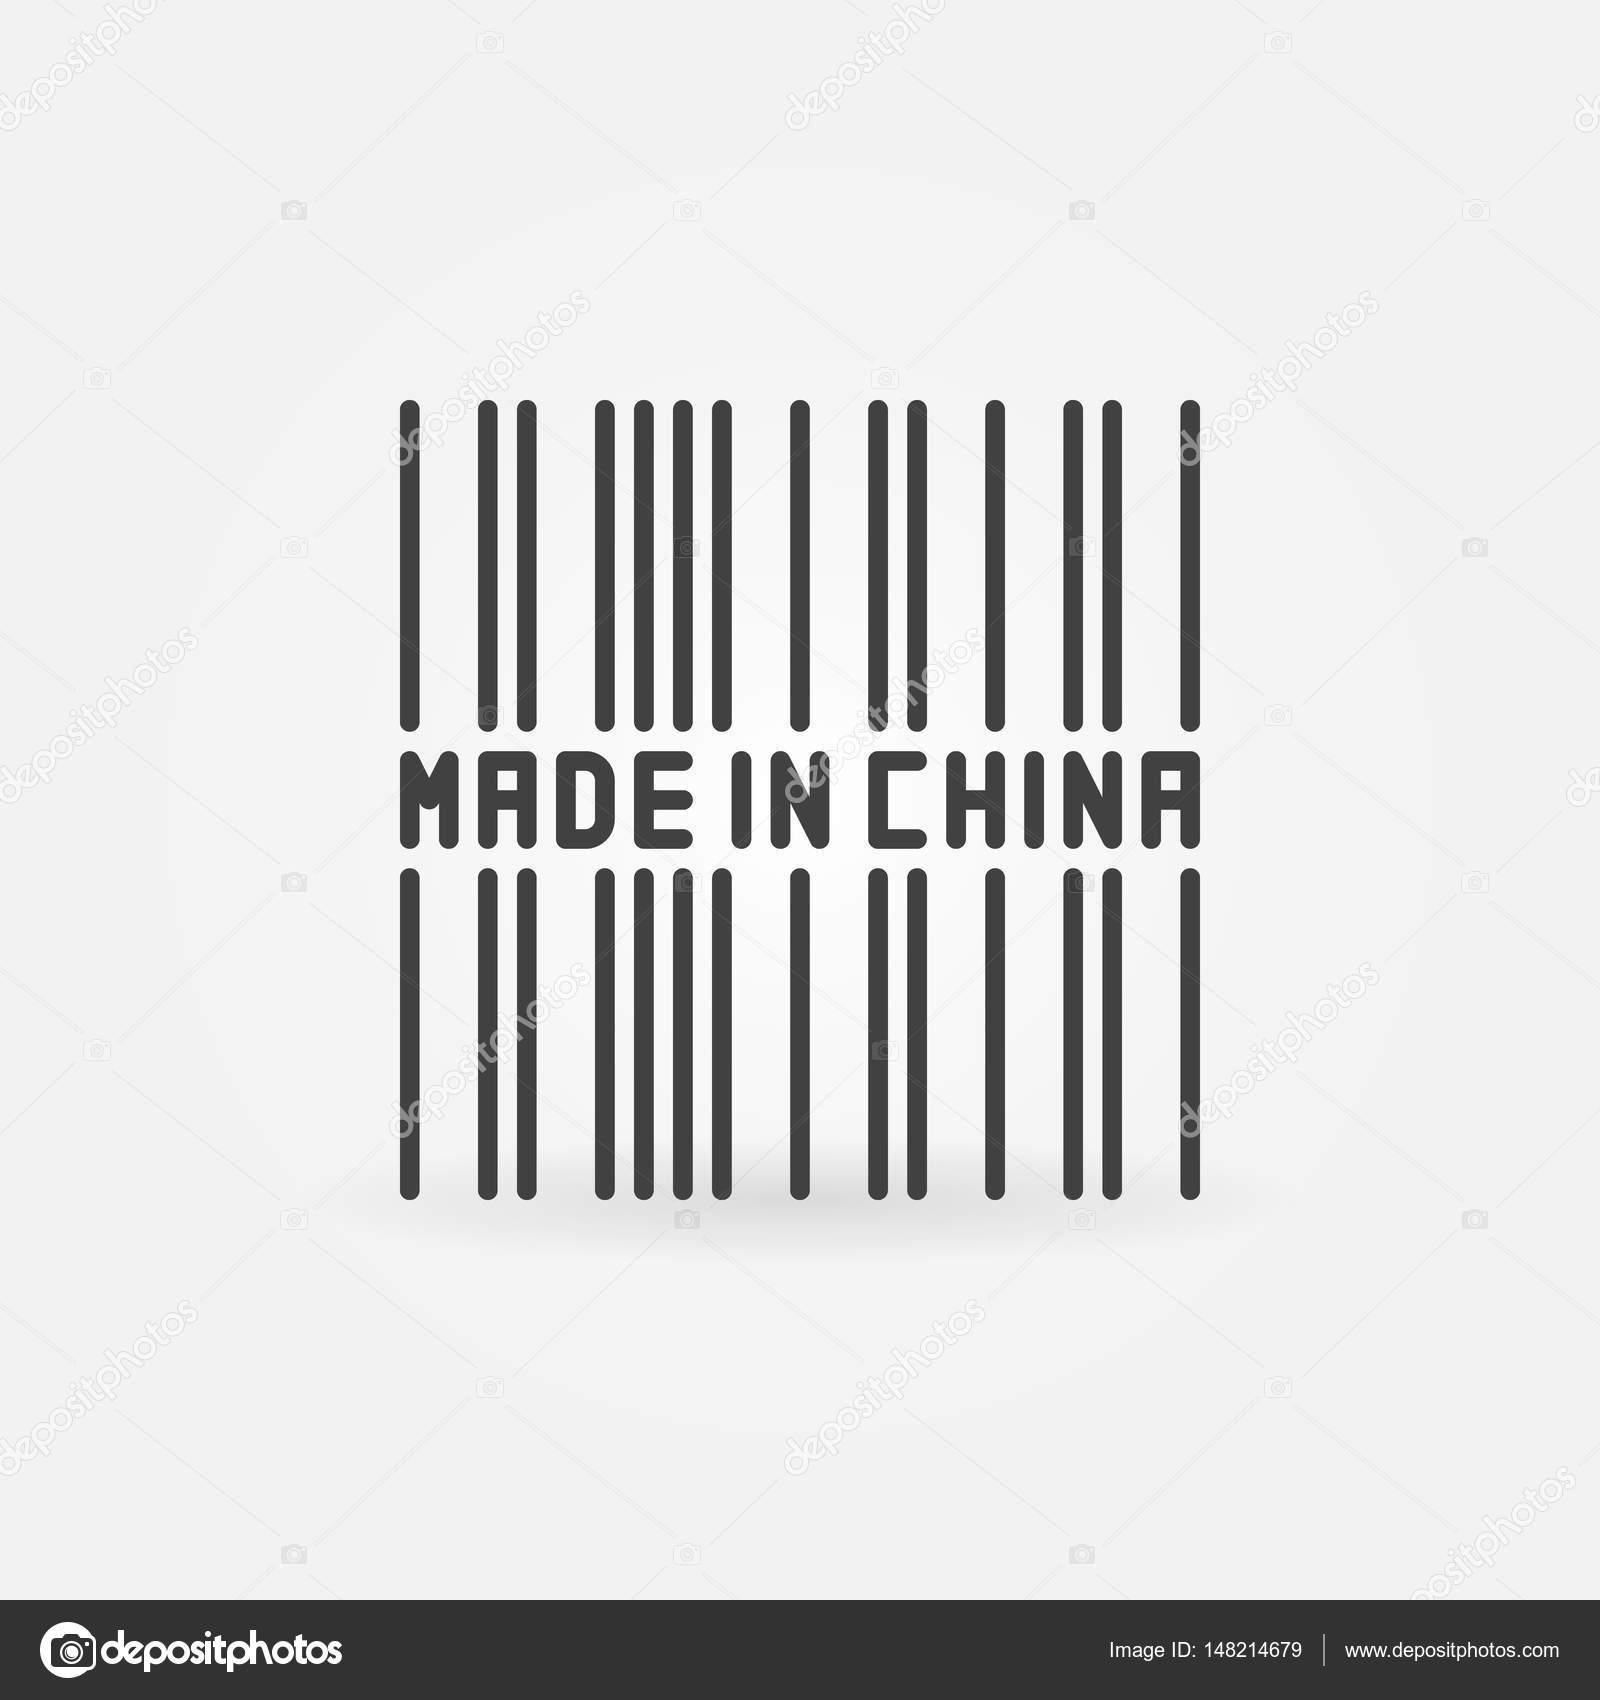 Resumen hecho en icono de China — Vector de stock © sn3g #148214679